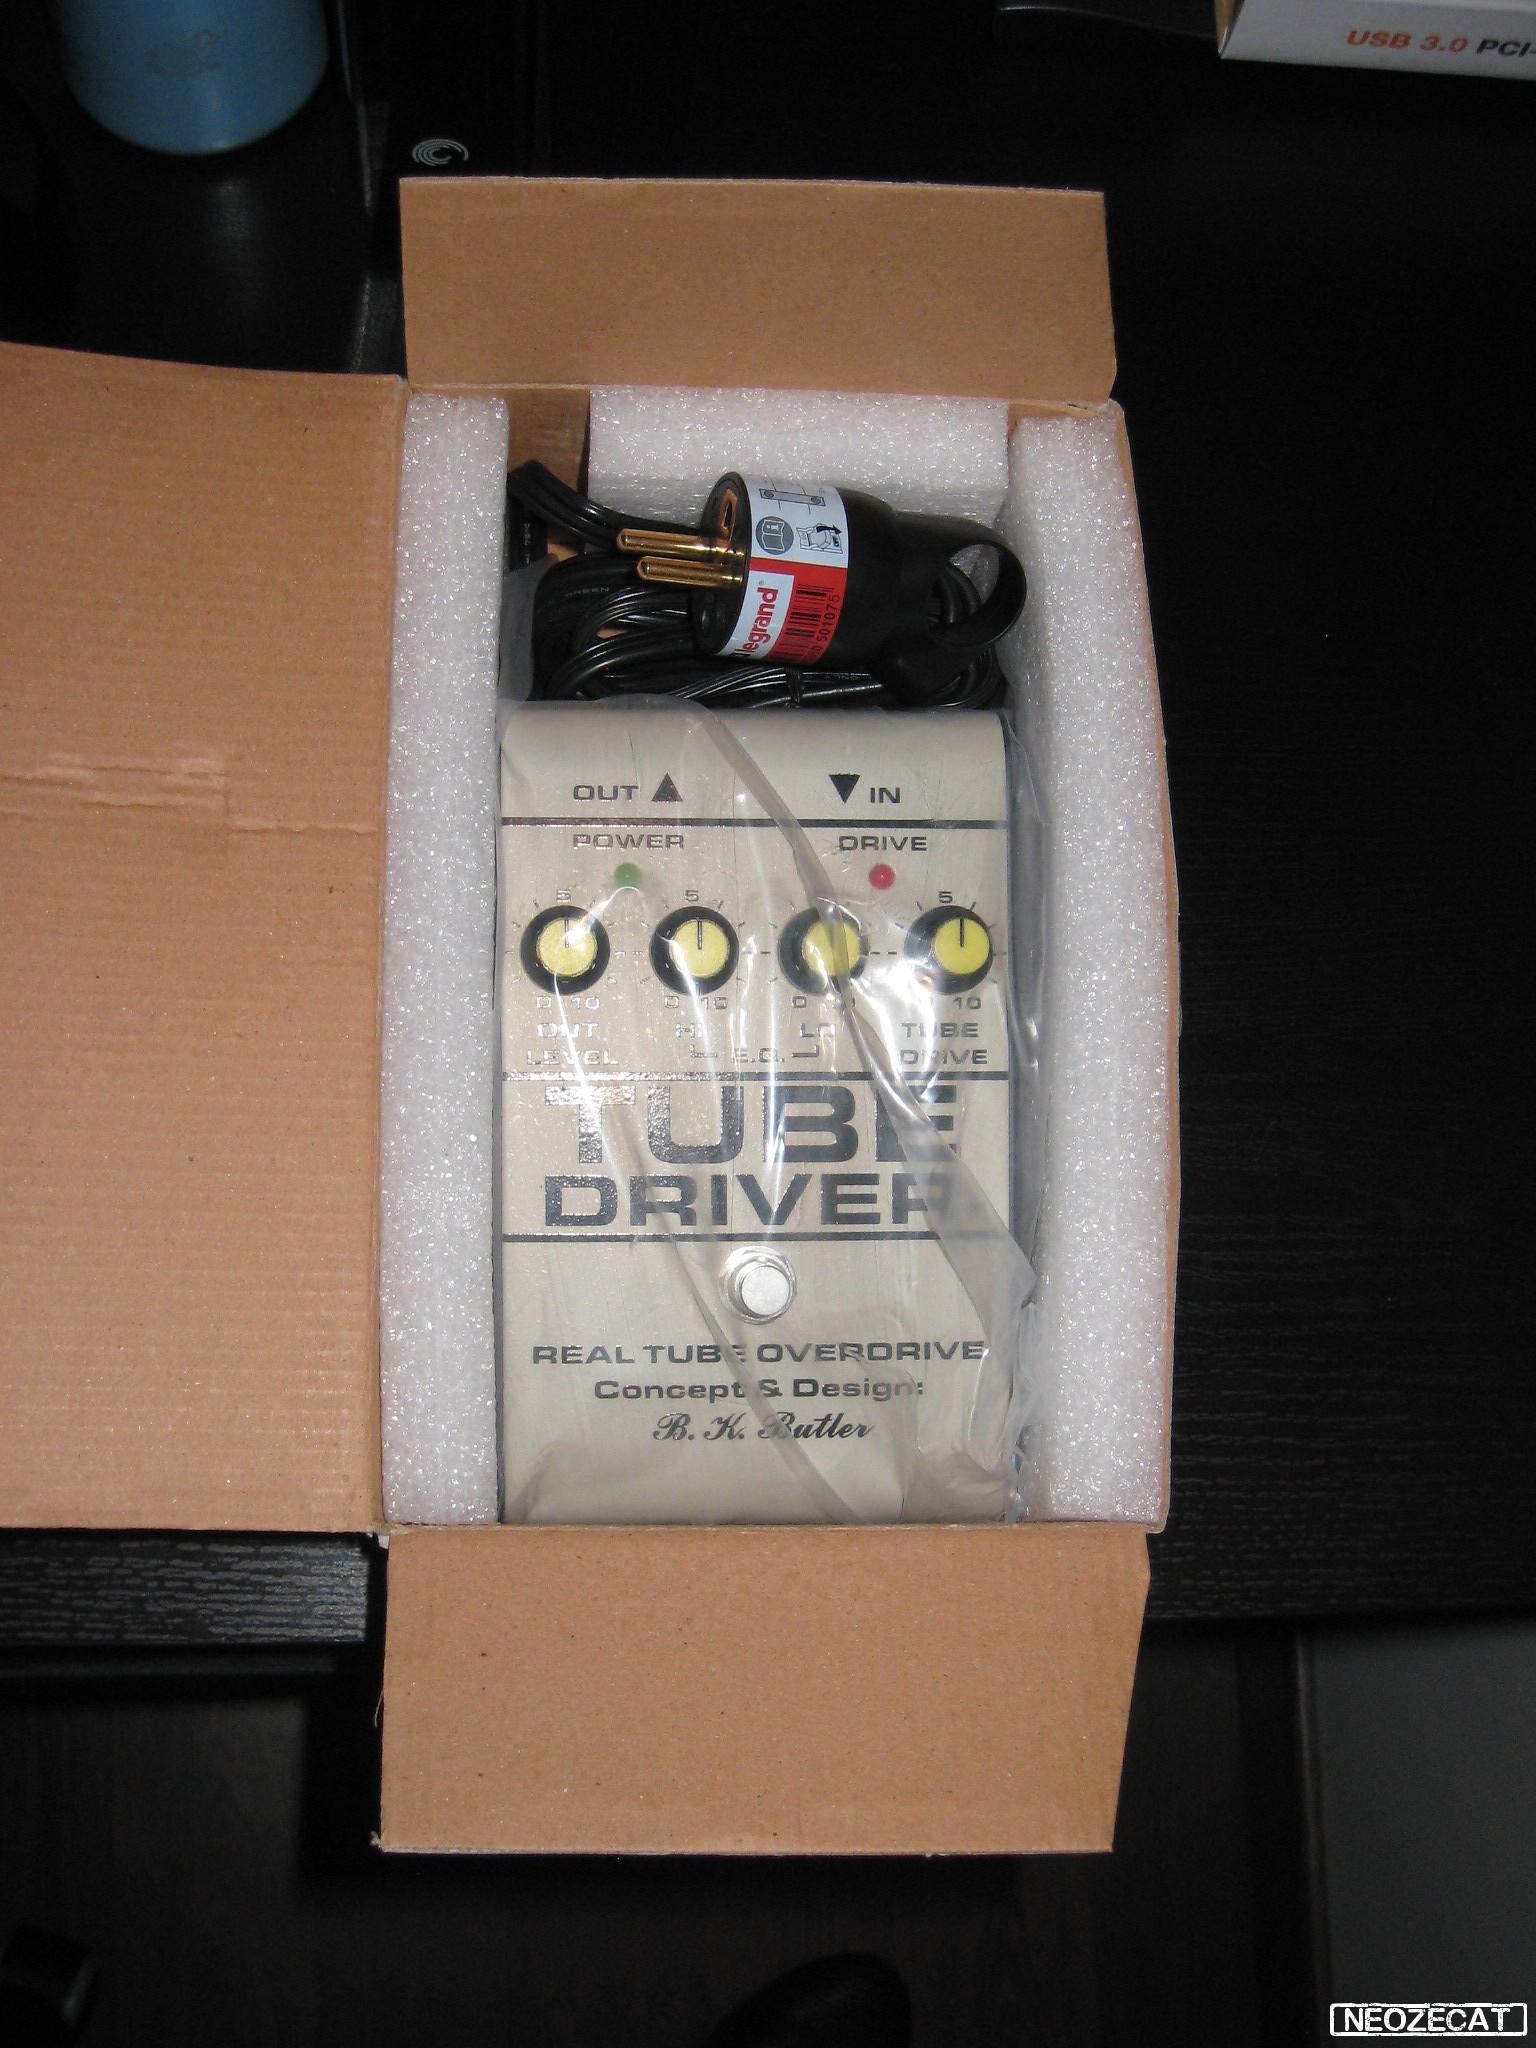 BK Butler Tube Driver image (#463118) - Audiofanzine